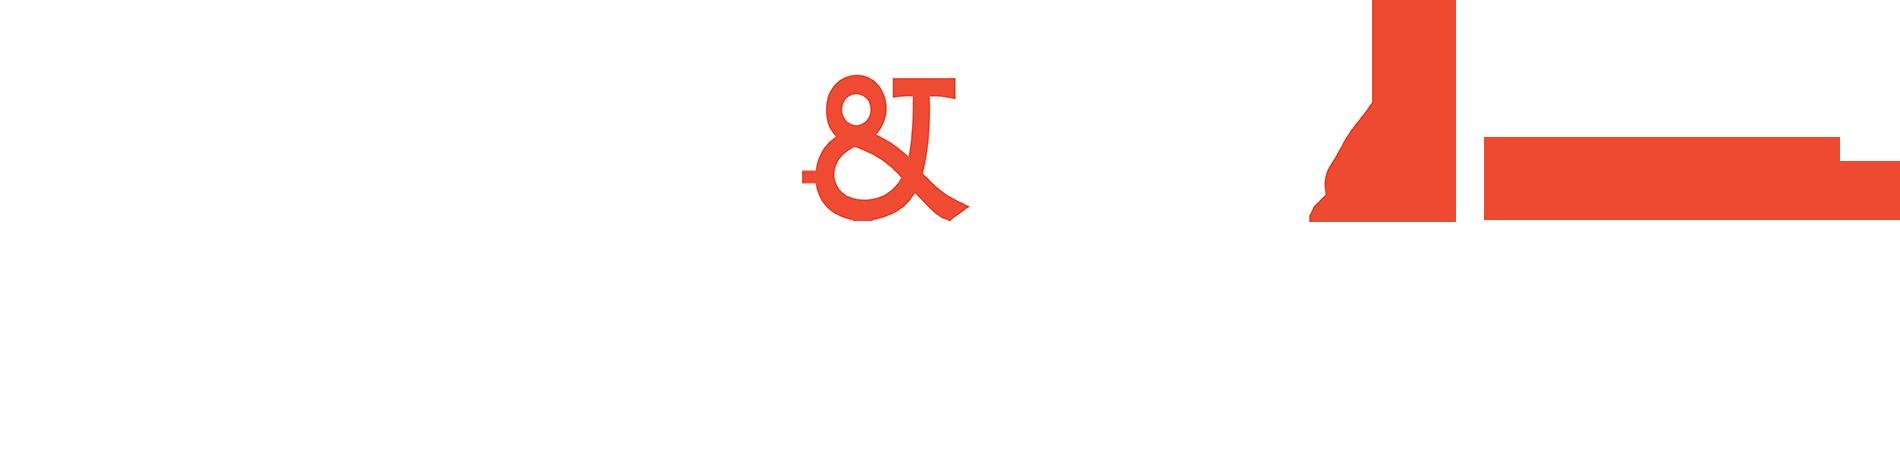 Coates & Co